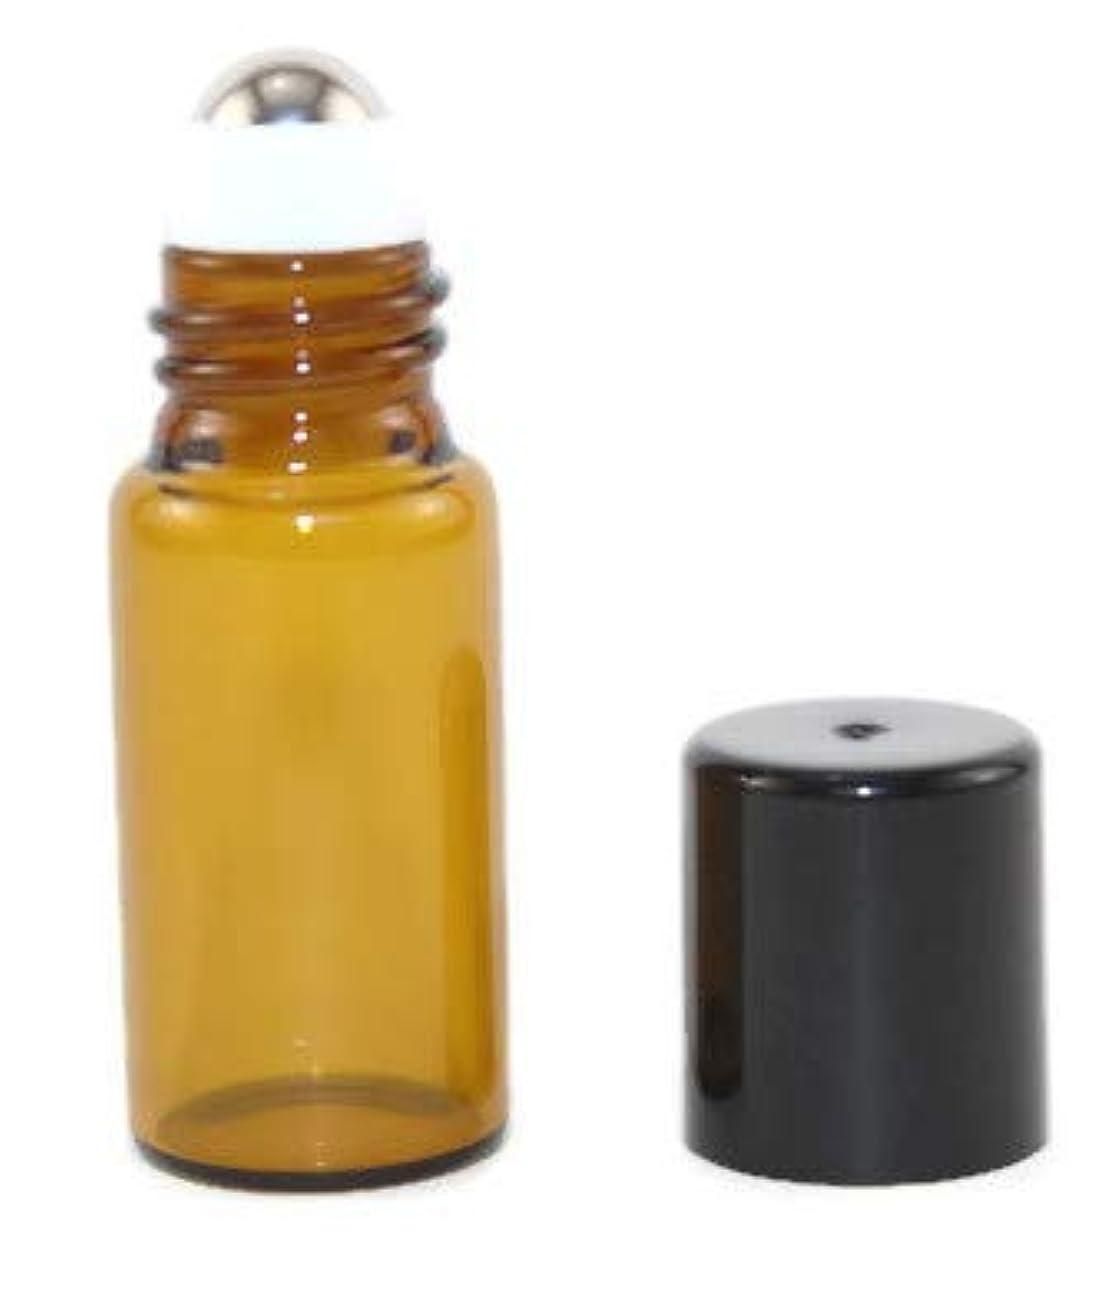 ベーコン一時停止応答USA 144 Amber Glass 3 ml Mini Roll-On Glass Bottles with Stainless Steel Roller Balls - Refillable Aromatherapy...